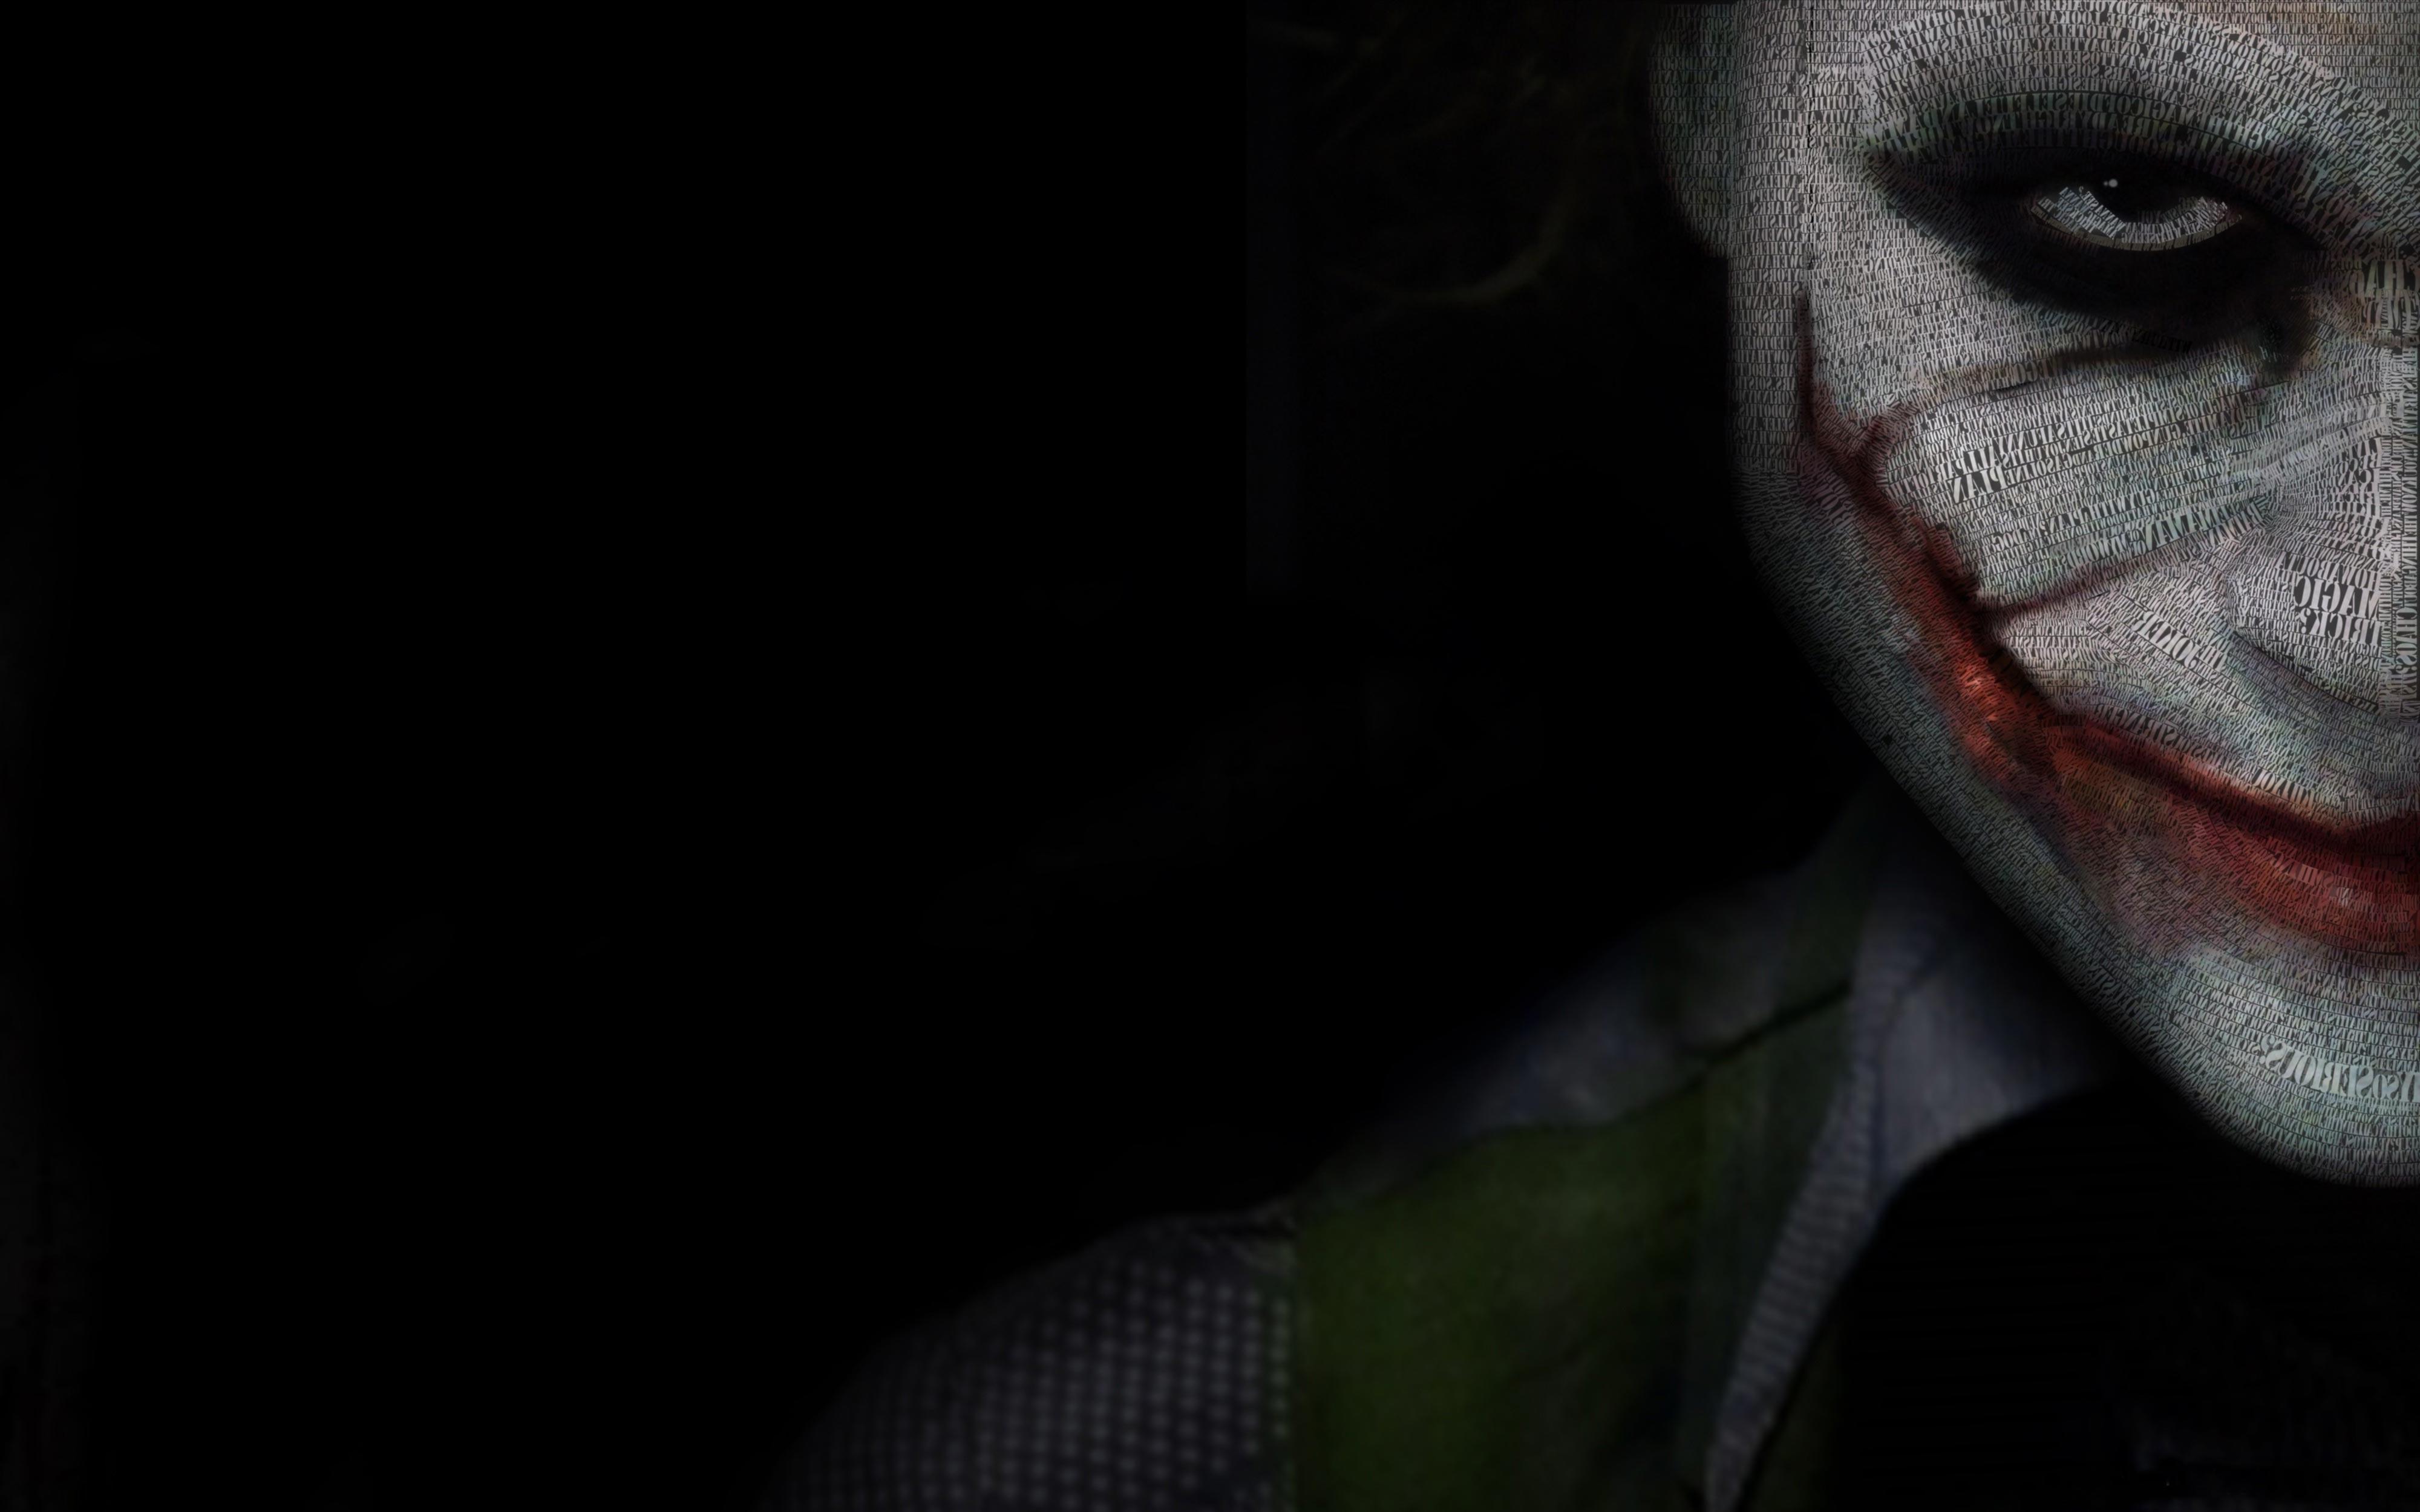 Joker Wallpaper 4000x2500